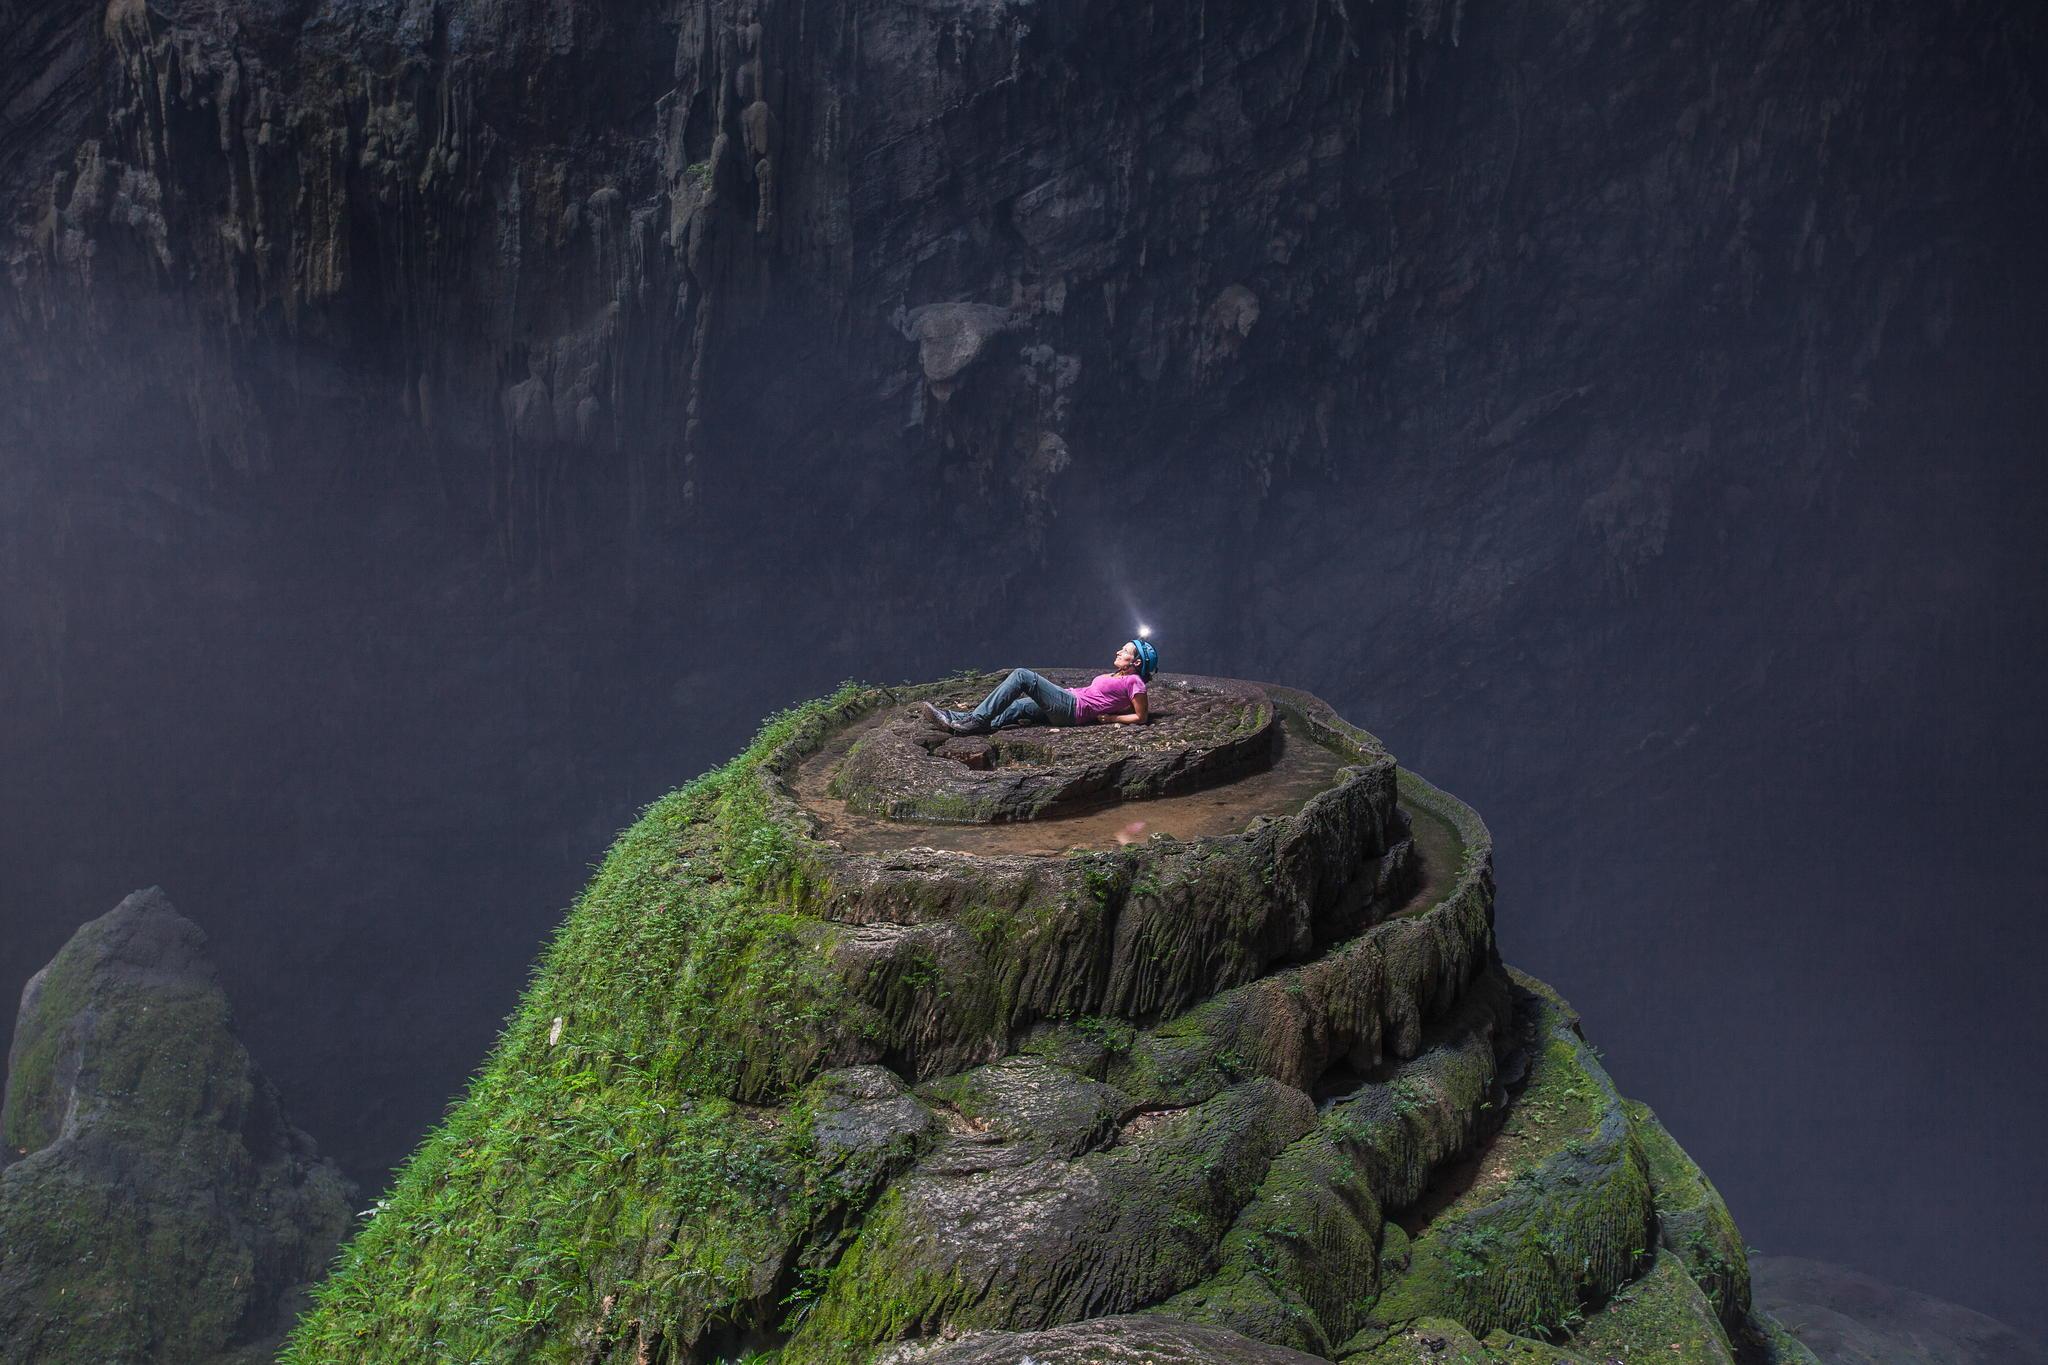 Chouette Vidéo de l'expédition dans la grotte  Son Doong